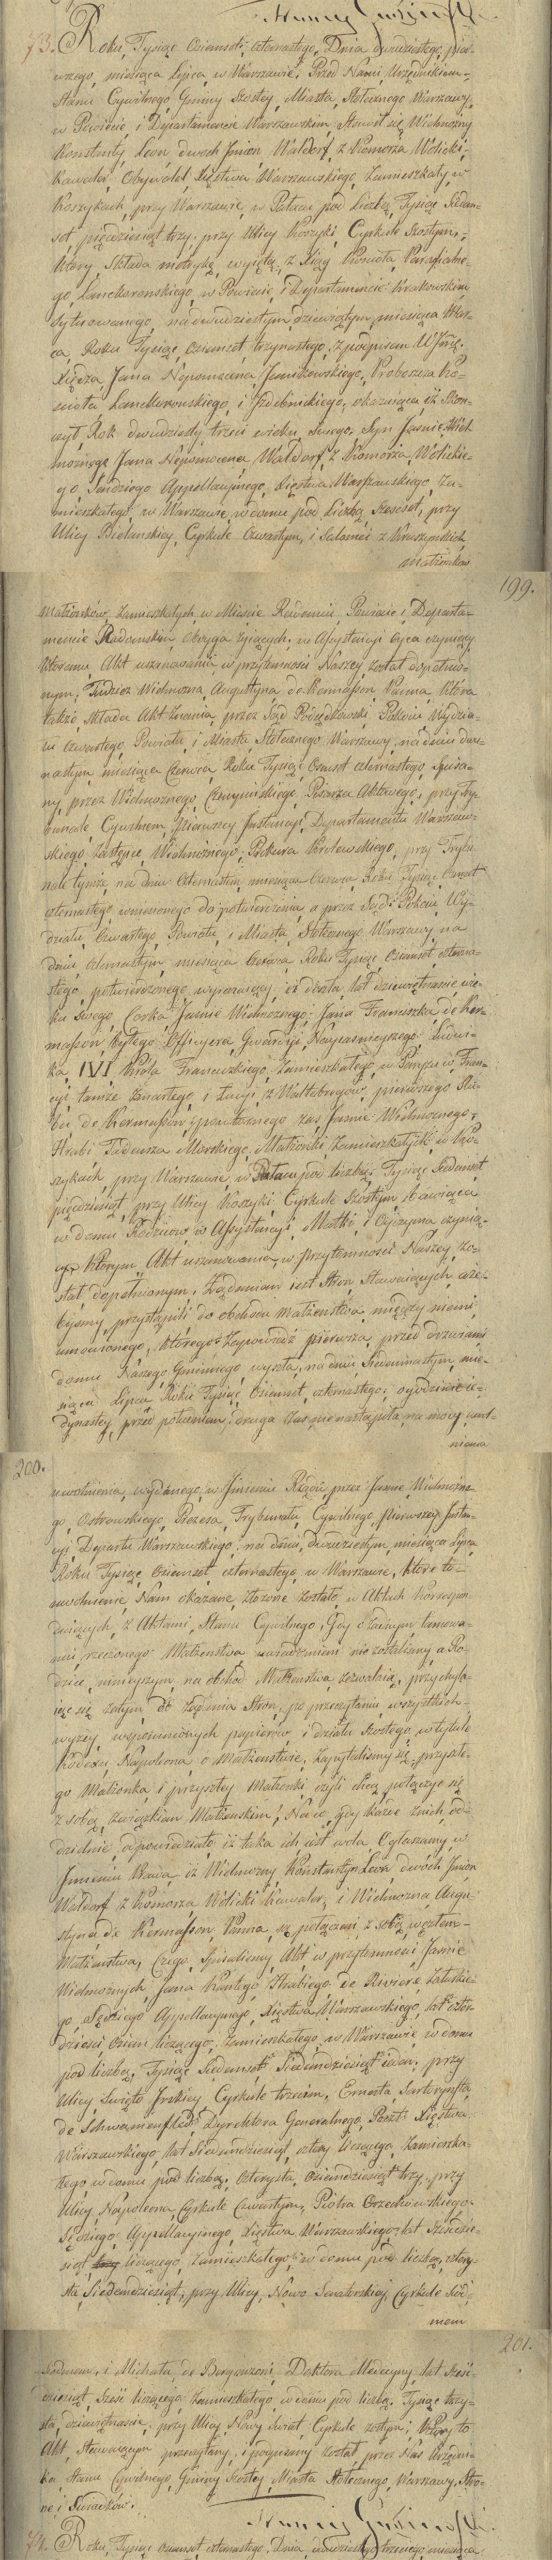 Akt stanu cywilnego małżeństwa Konstanty Leon Wolicki & Augustyna de Kermasson 21.07.1814 r.